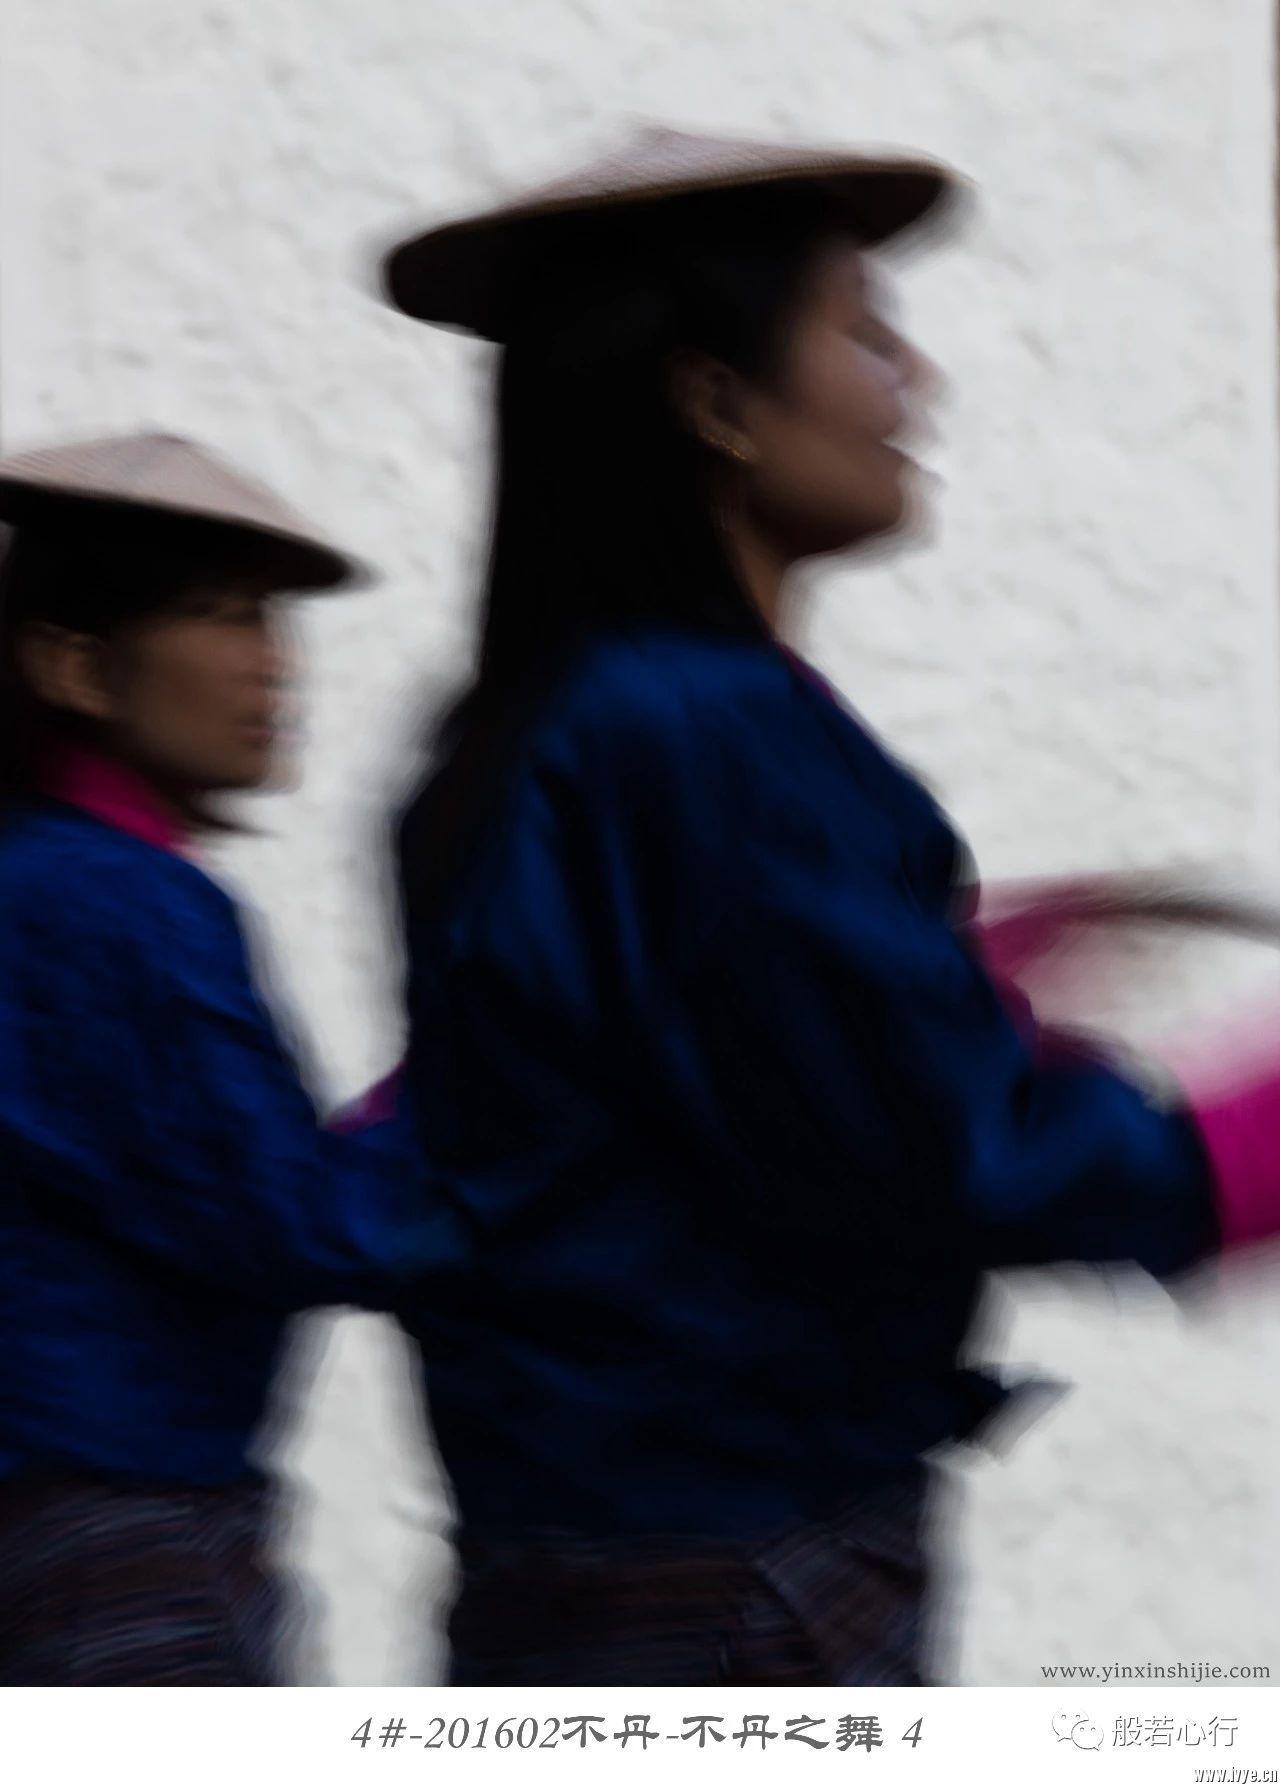 4#-201602不丹-不丹之舞4.jpg